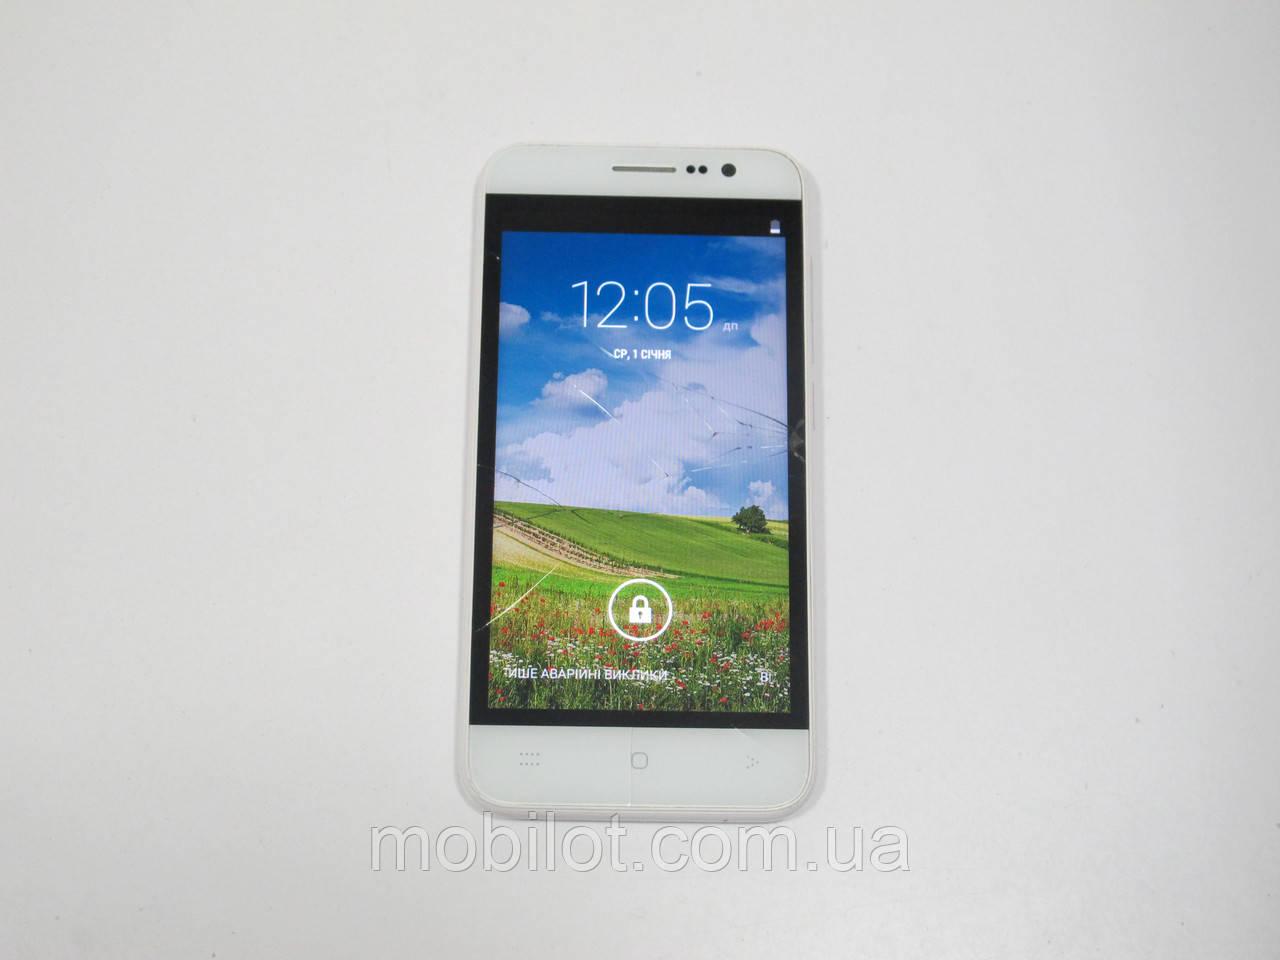 Мобильный телефон Bravis Hit (TZ-5600)